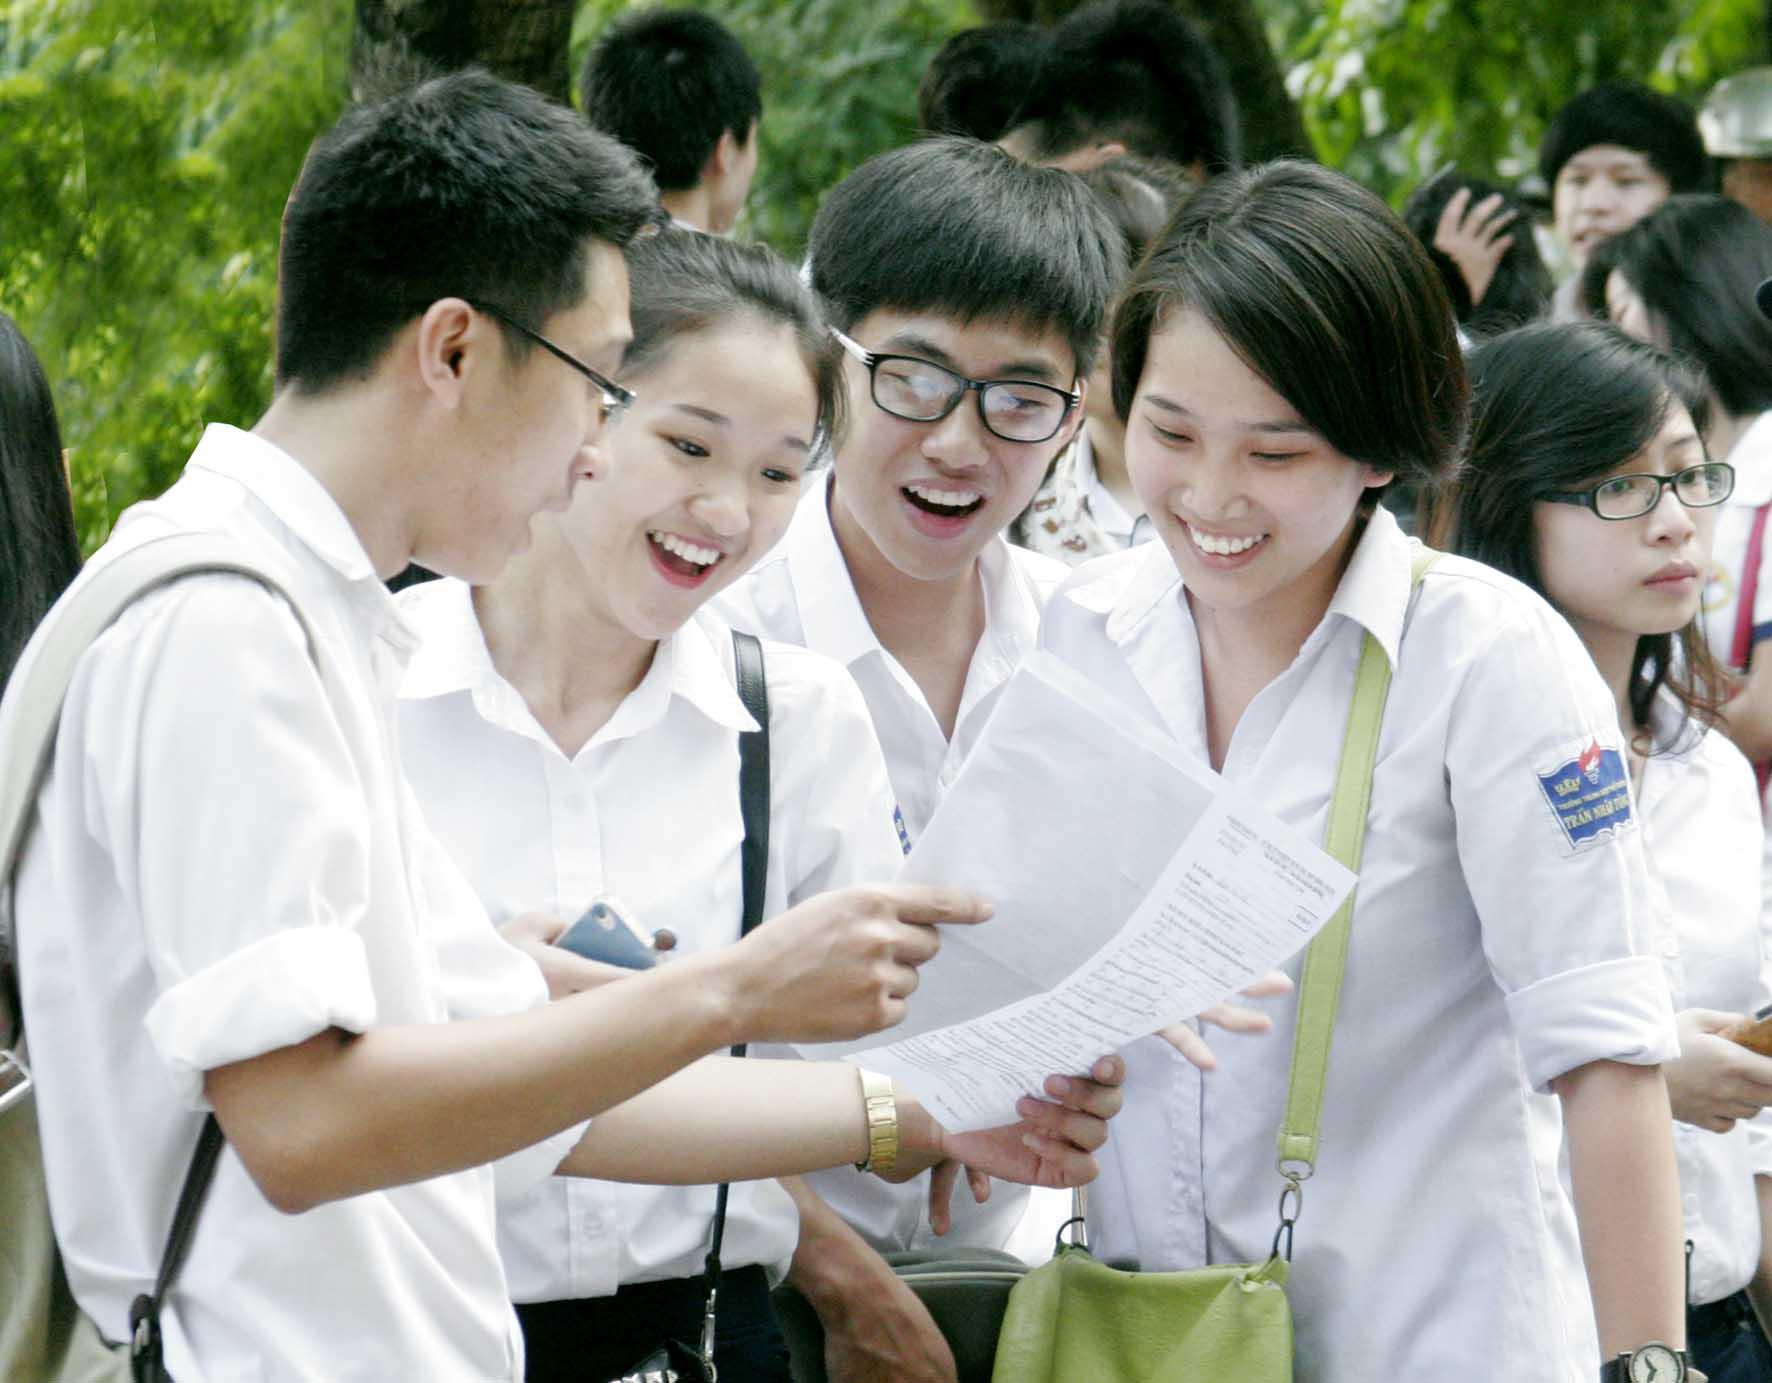 Phó Thủ tướng nhận Đề xuất tổ chức 2 đợt thi tốt nghiệp mỗi năm